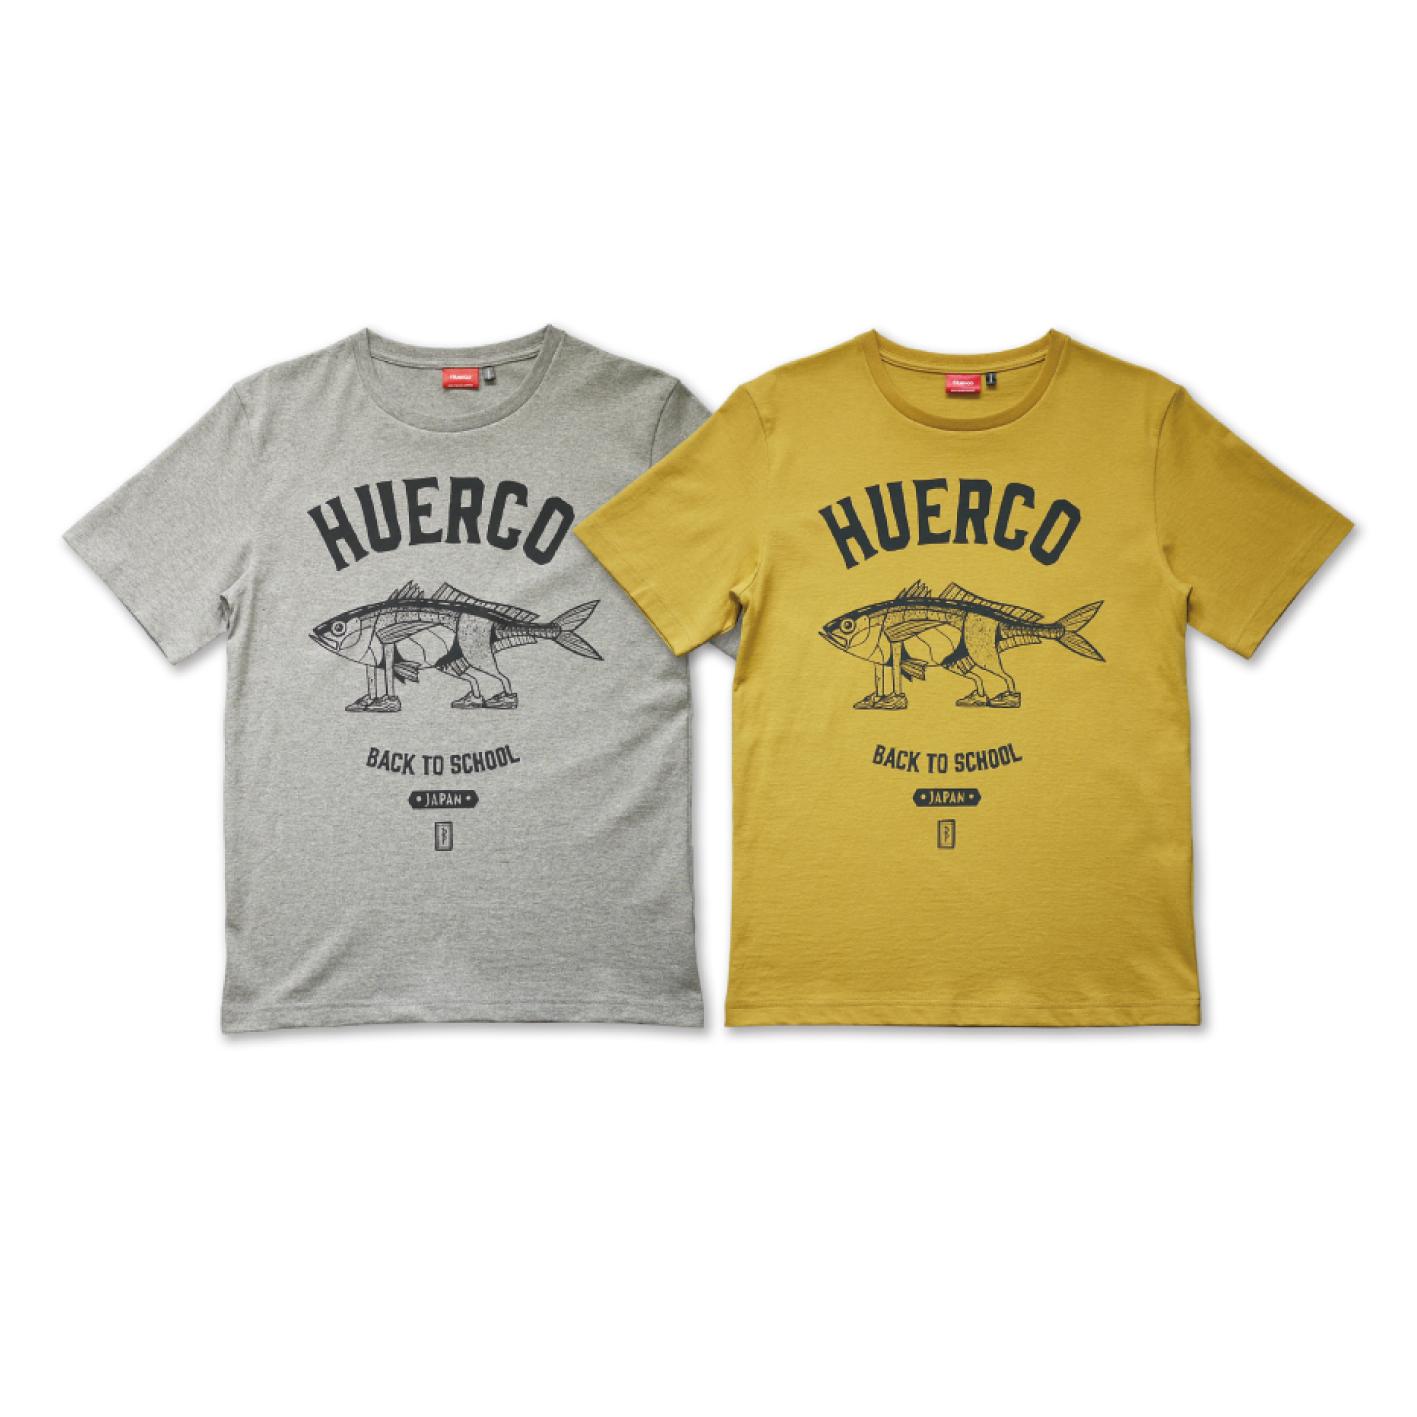 Huerco AJI-WALKER T-shirts